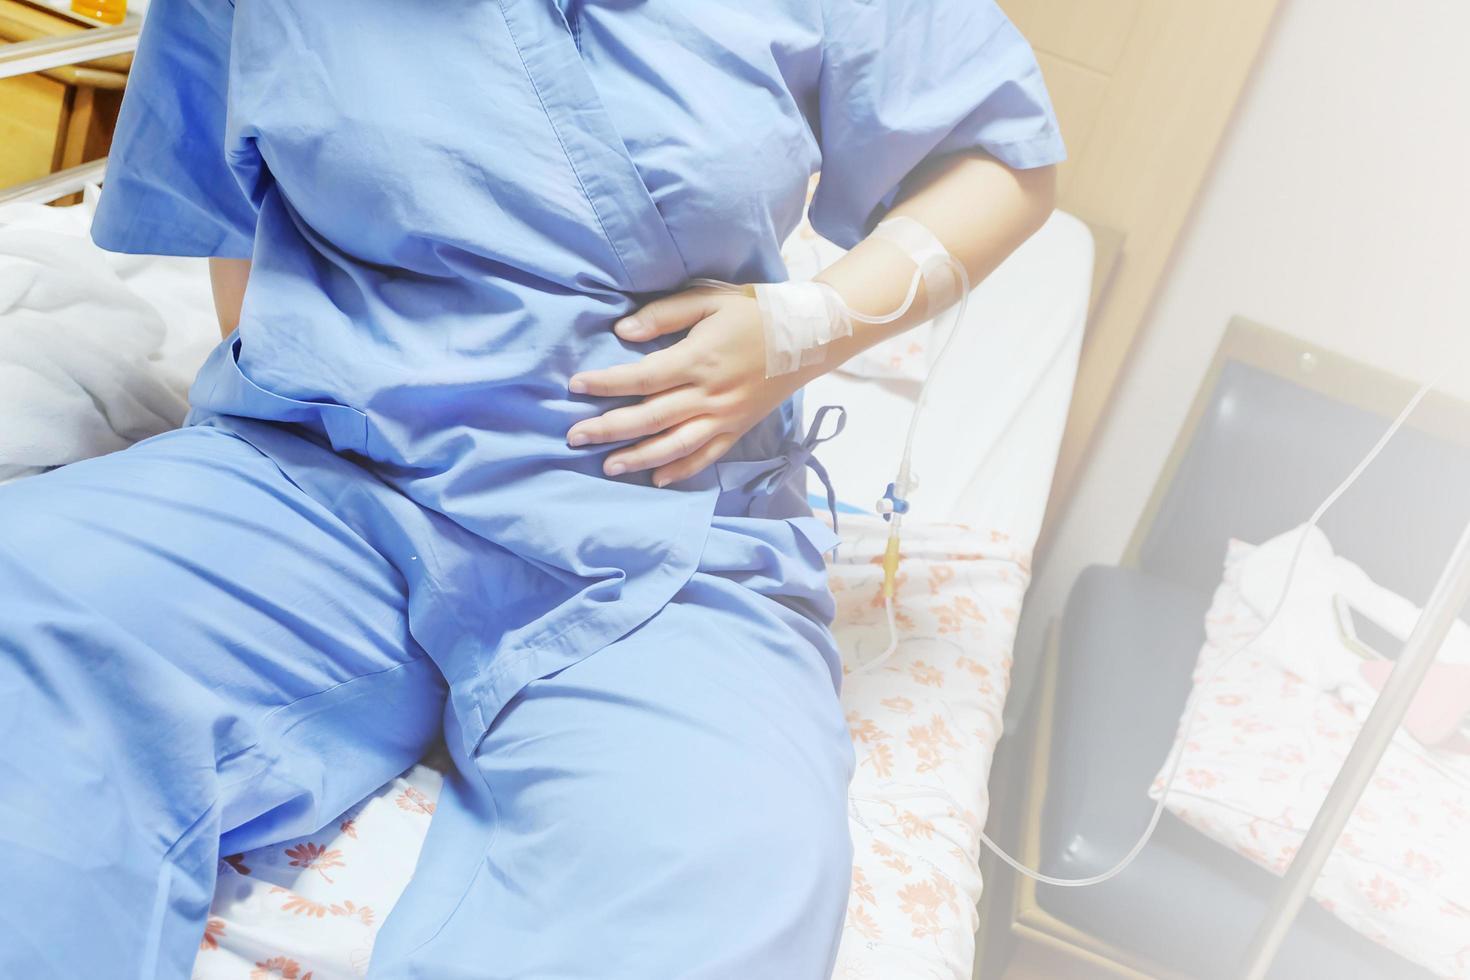 goutte à goutte intraveineuse saline dans la main d'une patiente photo